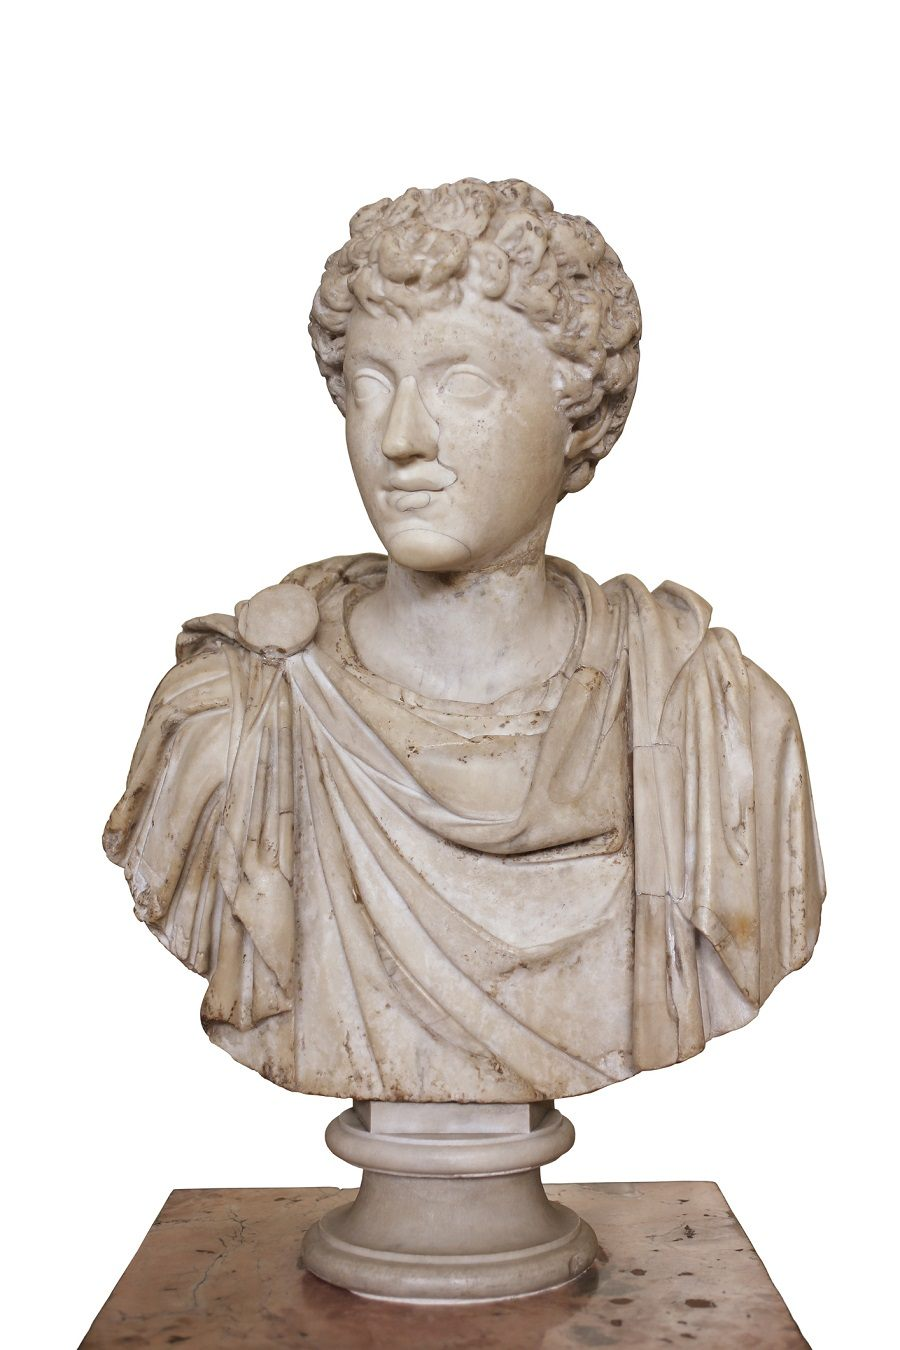 Portrait of the Young Marcus Aurelius